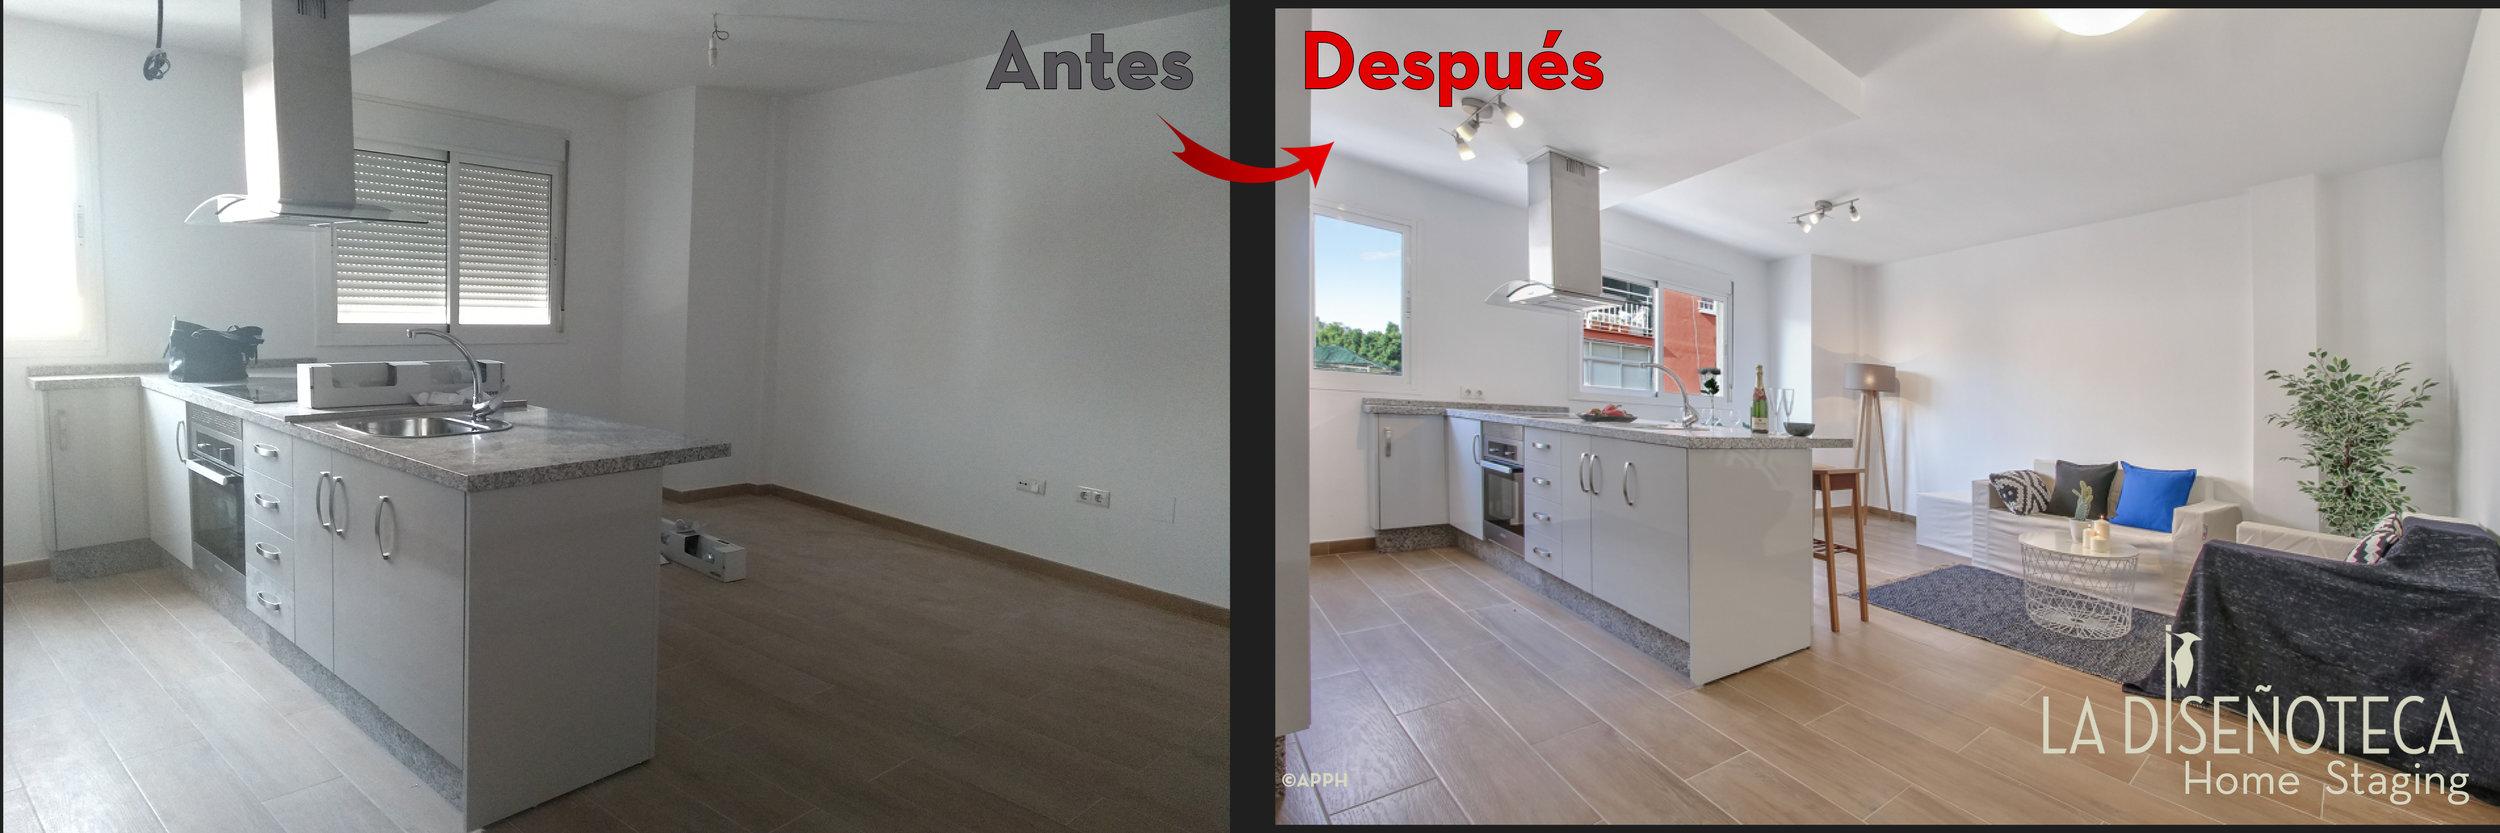 AntesyDespues Duque_1.jpg